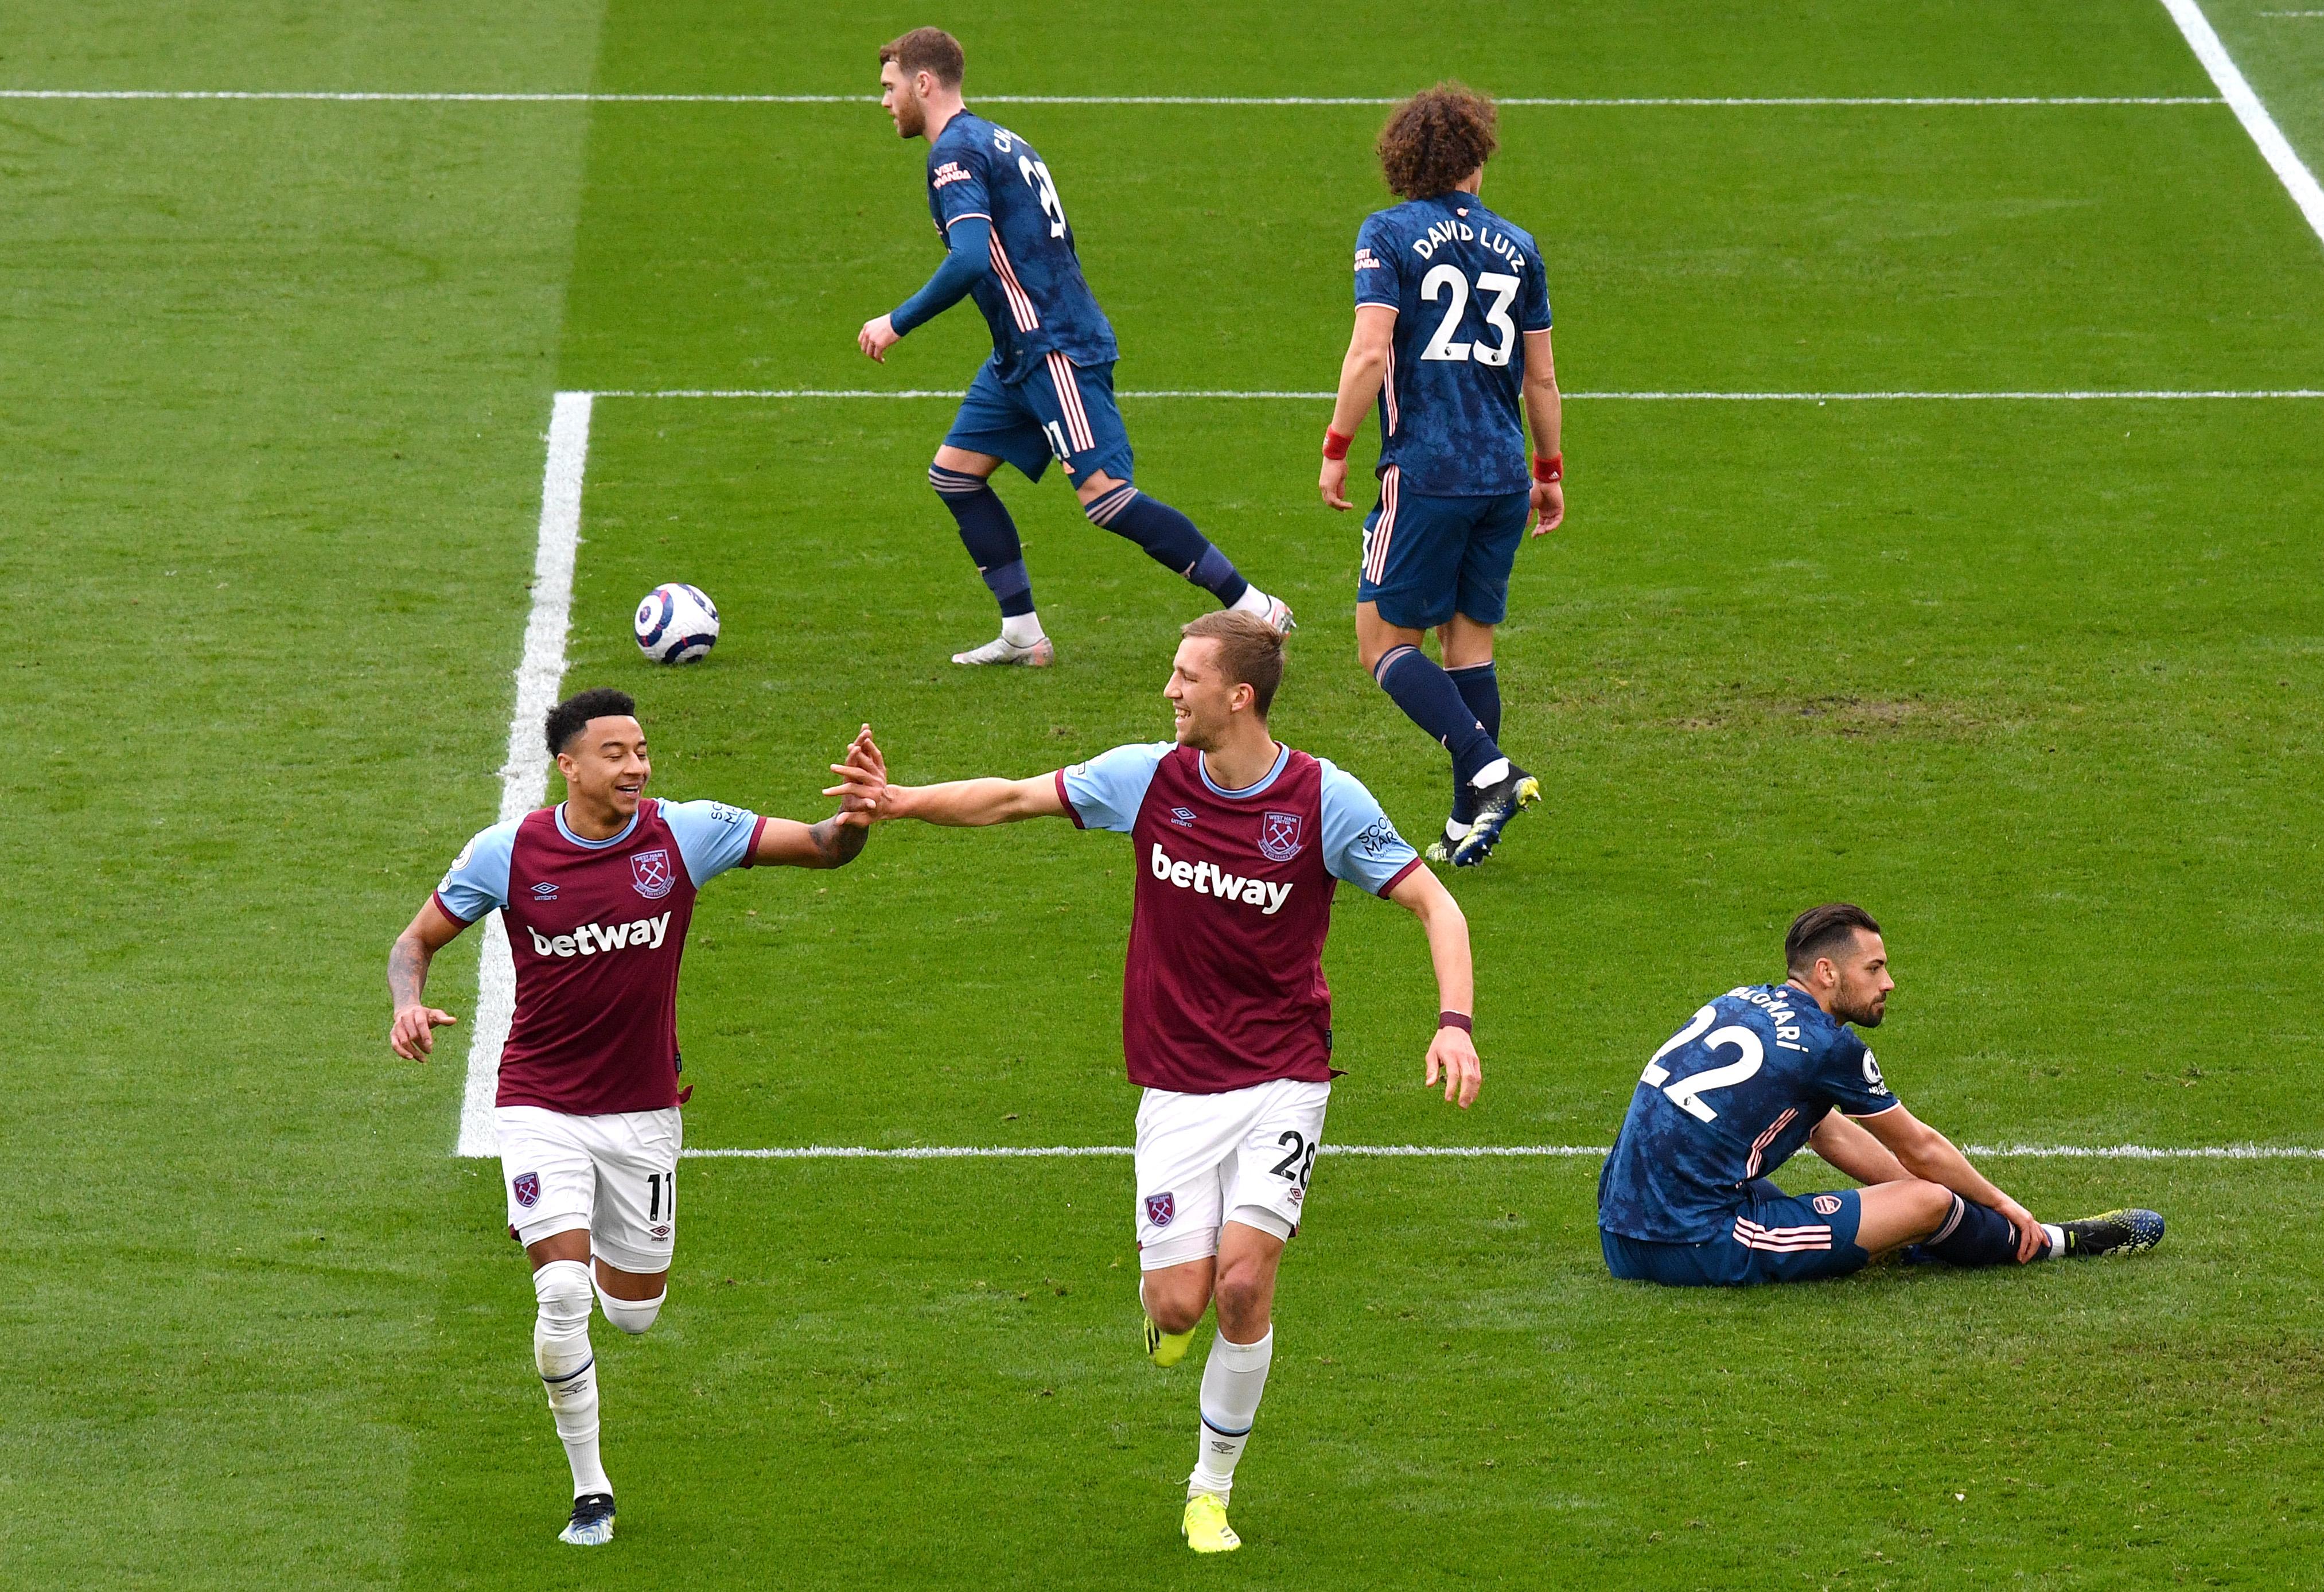 Tomas Soucek celebrates with Jesse Lingard - West Ham United - Premier League